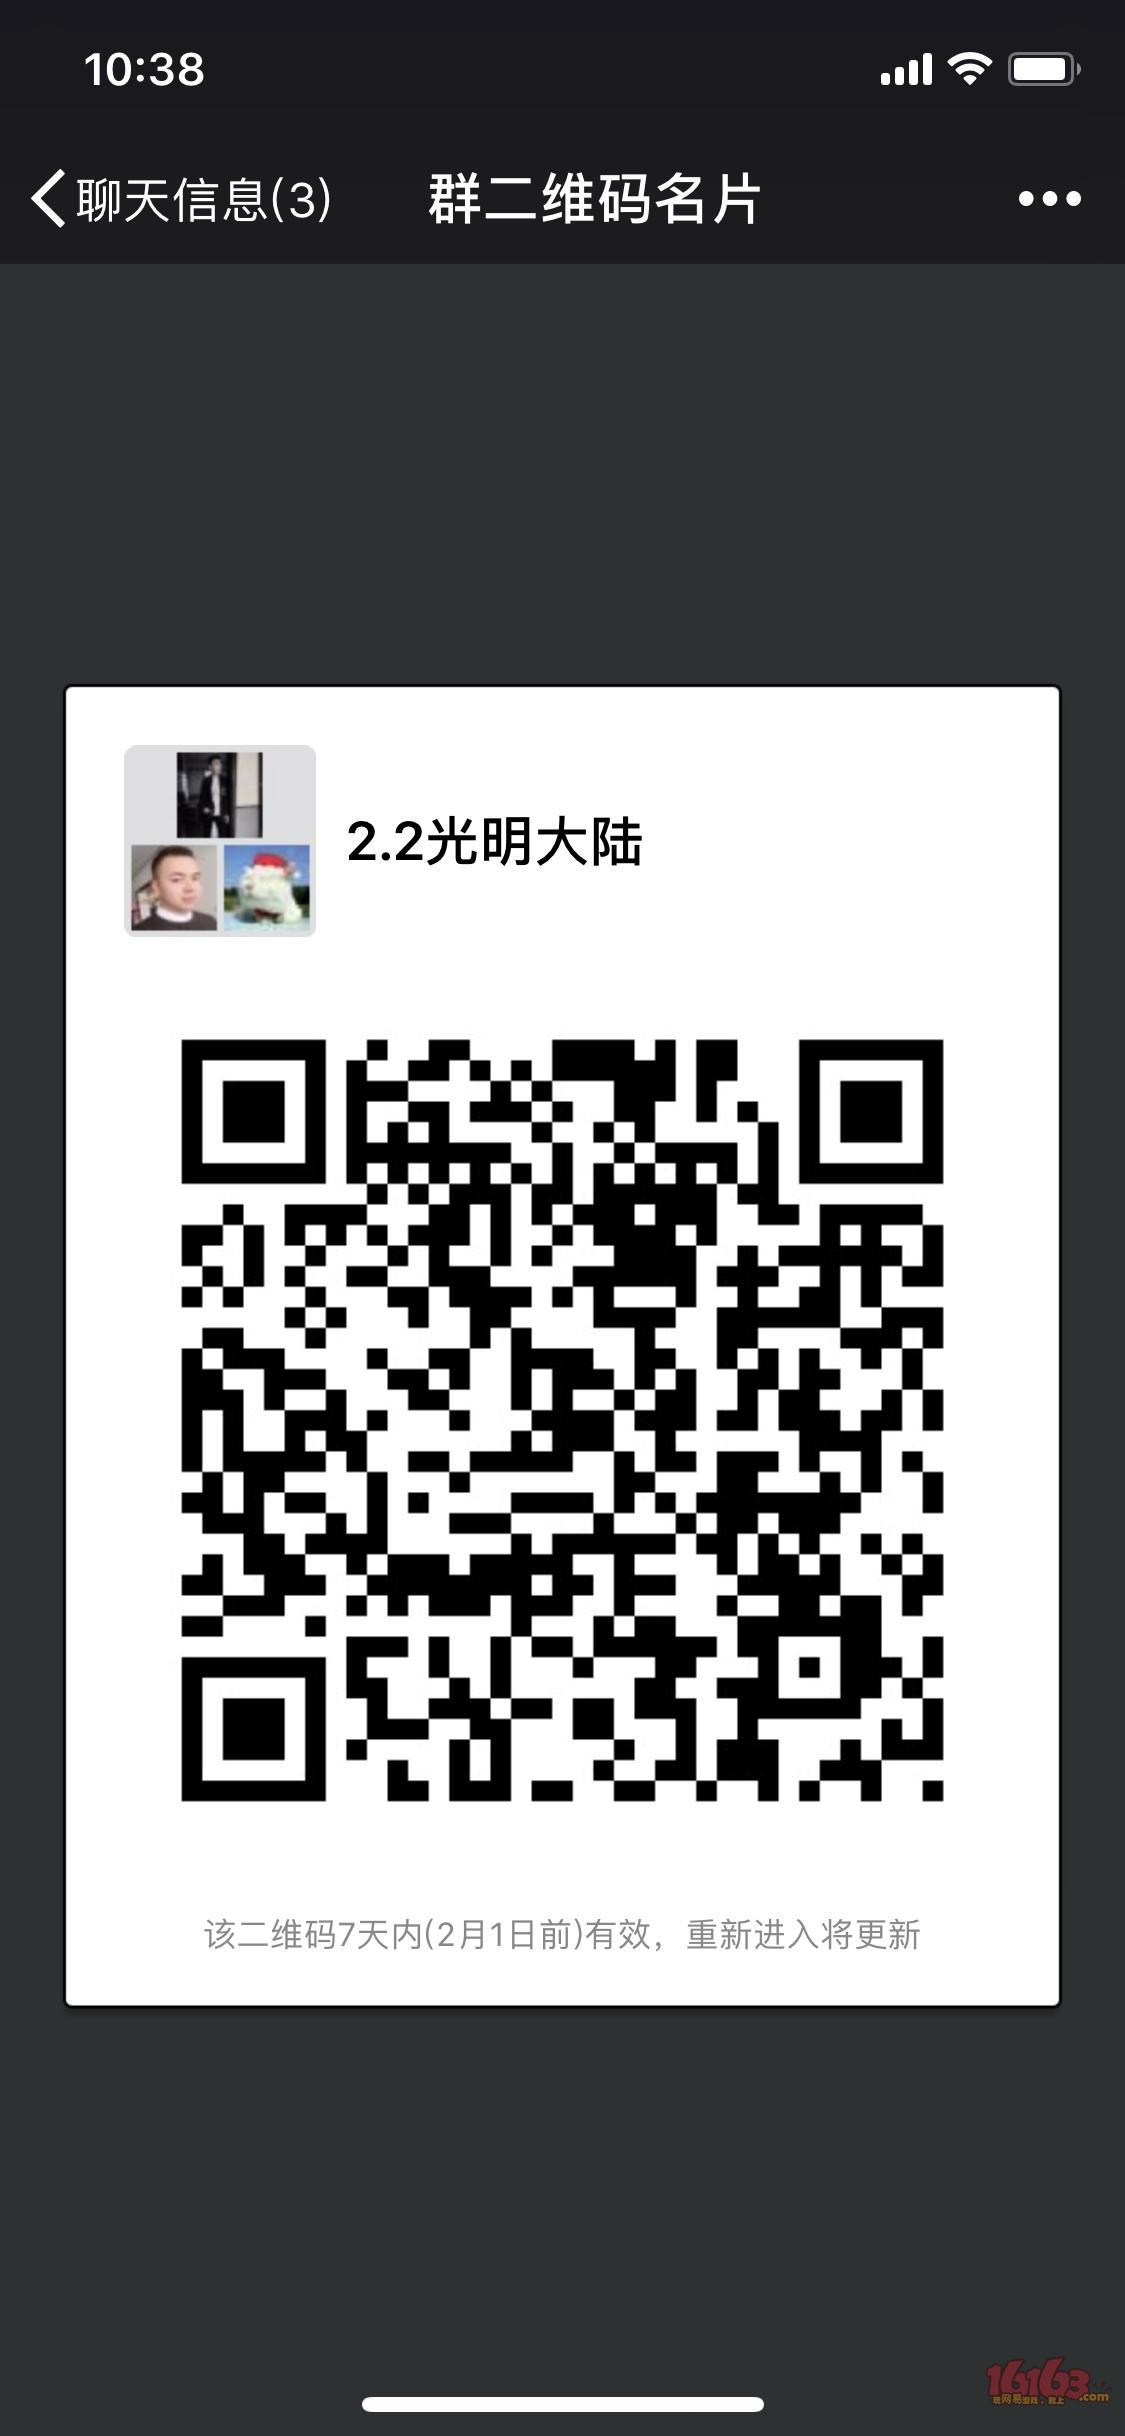 7D99E02A-9C85-4806-AAD8-21414FD72304.png